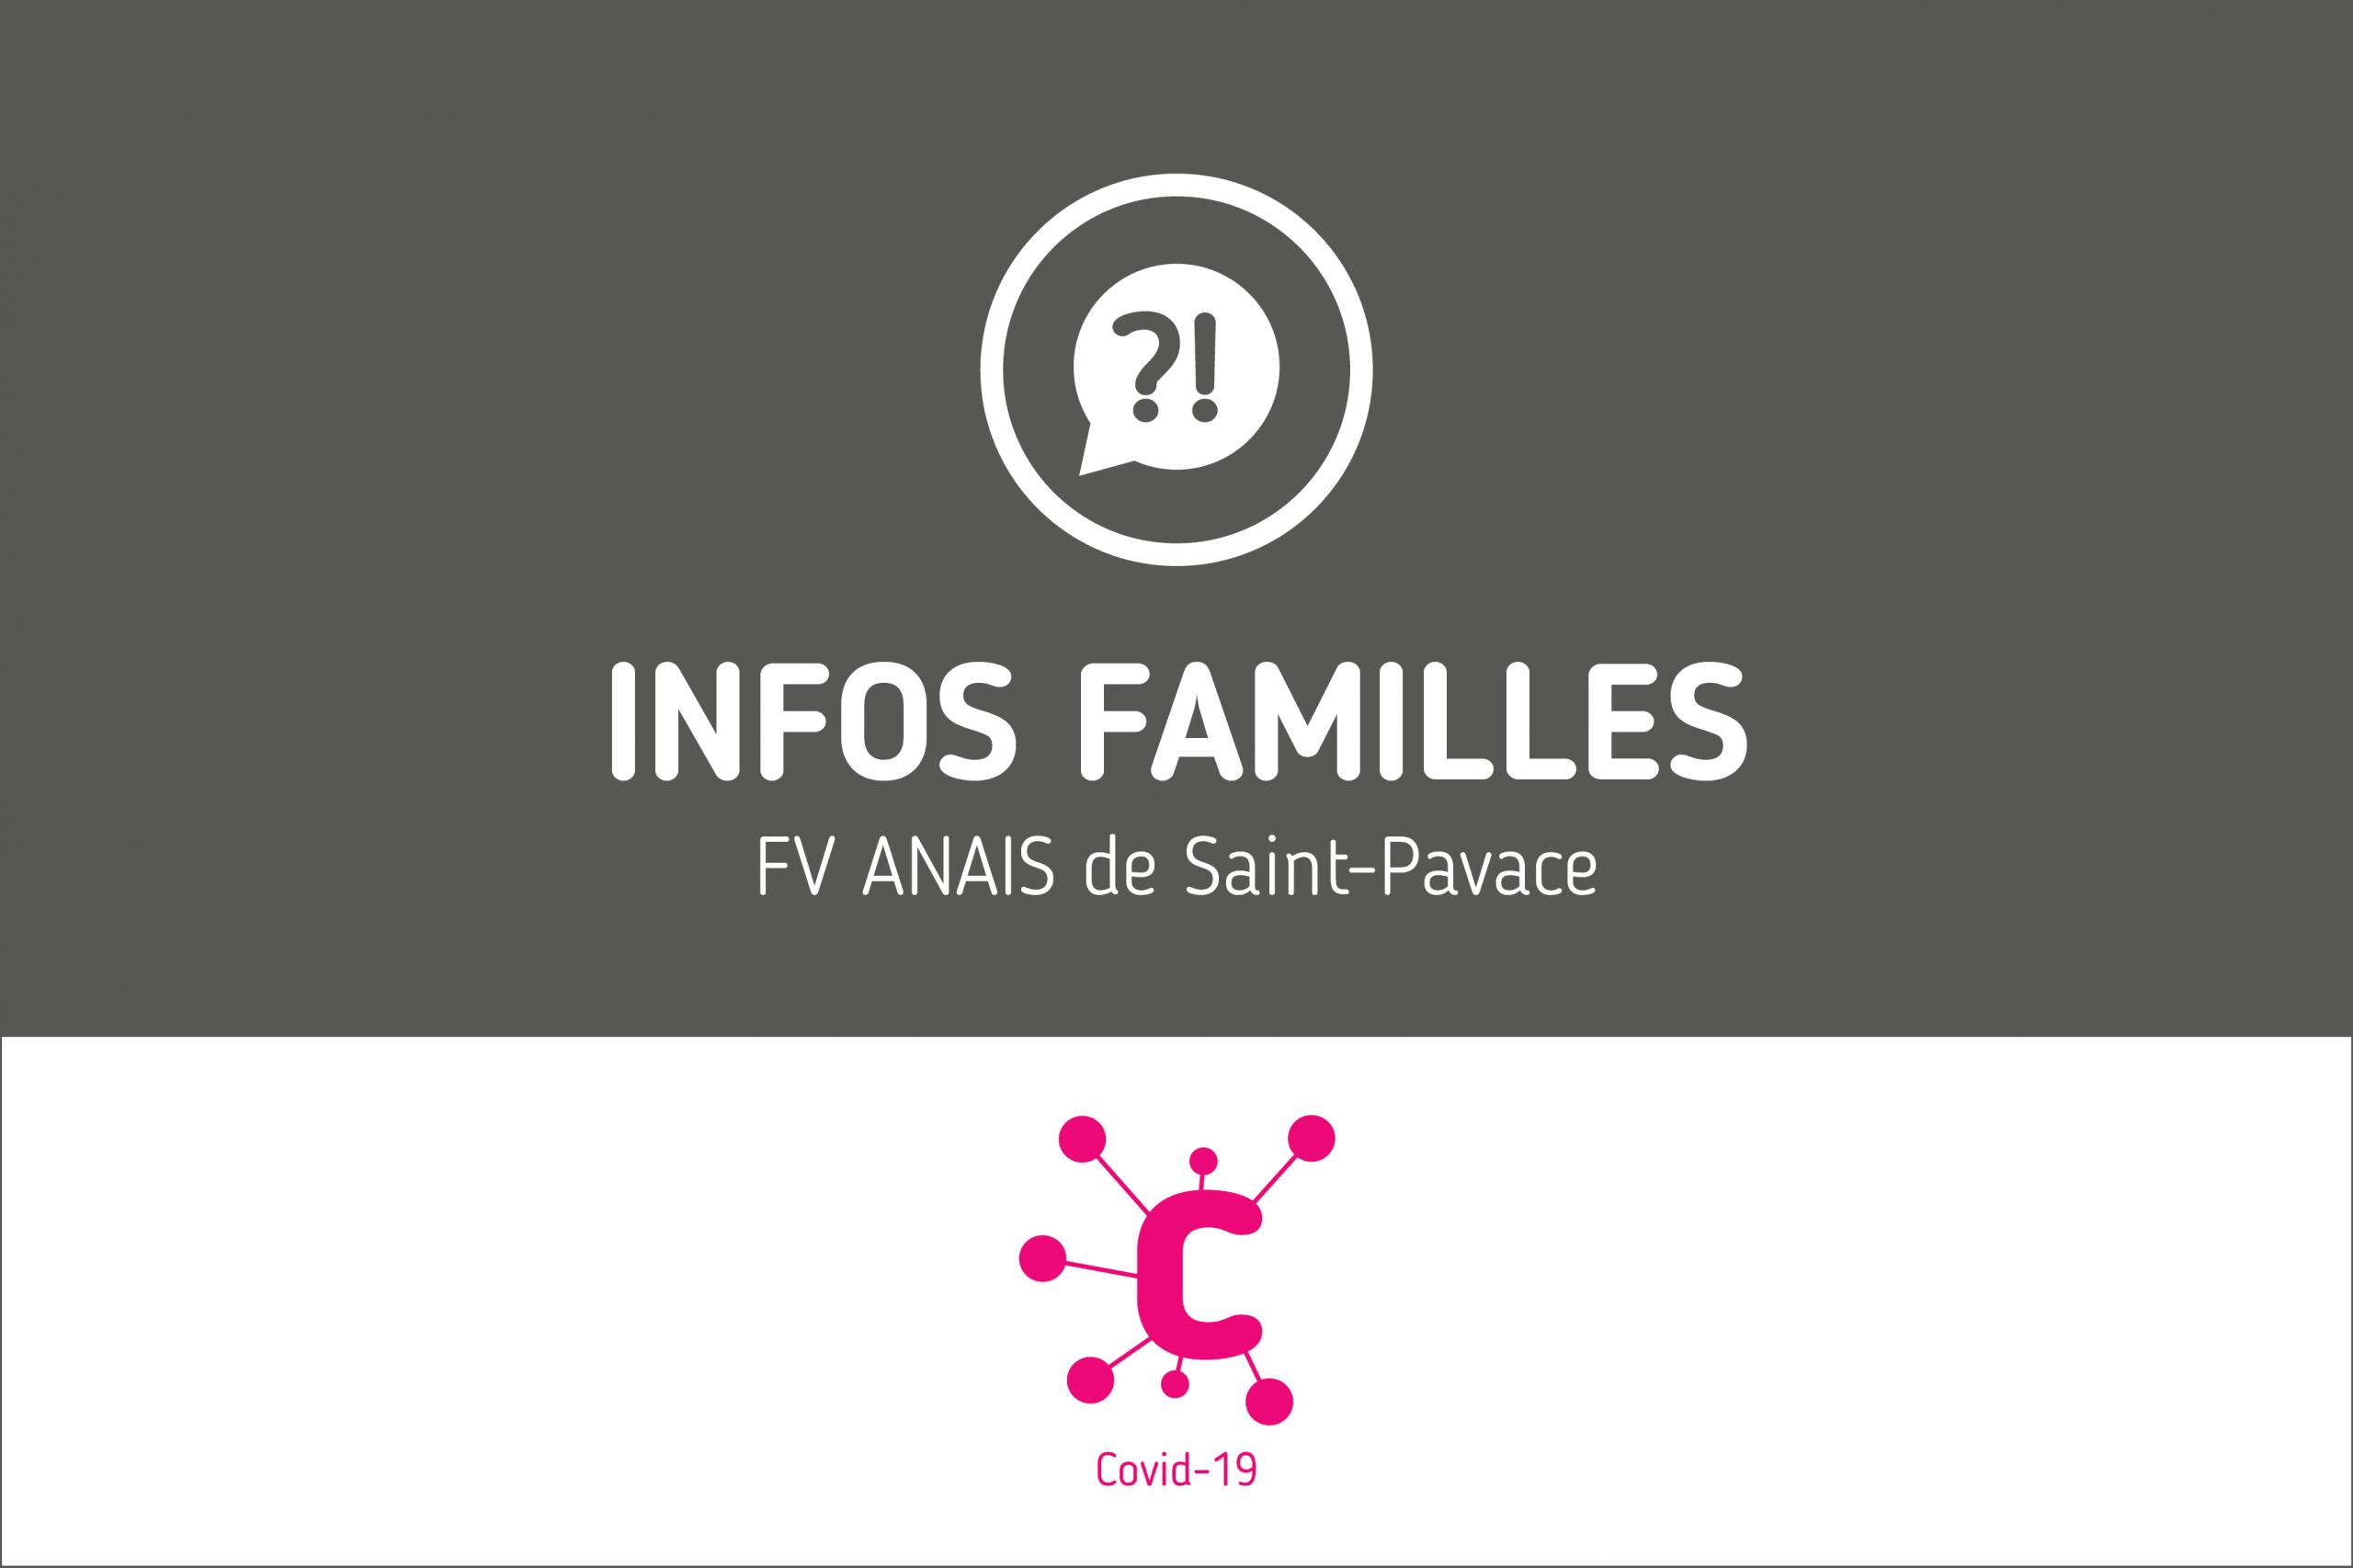 Protégé: Infos Familles – FV ANAIS de Saint-Pavace